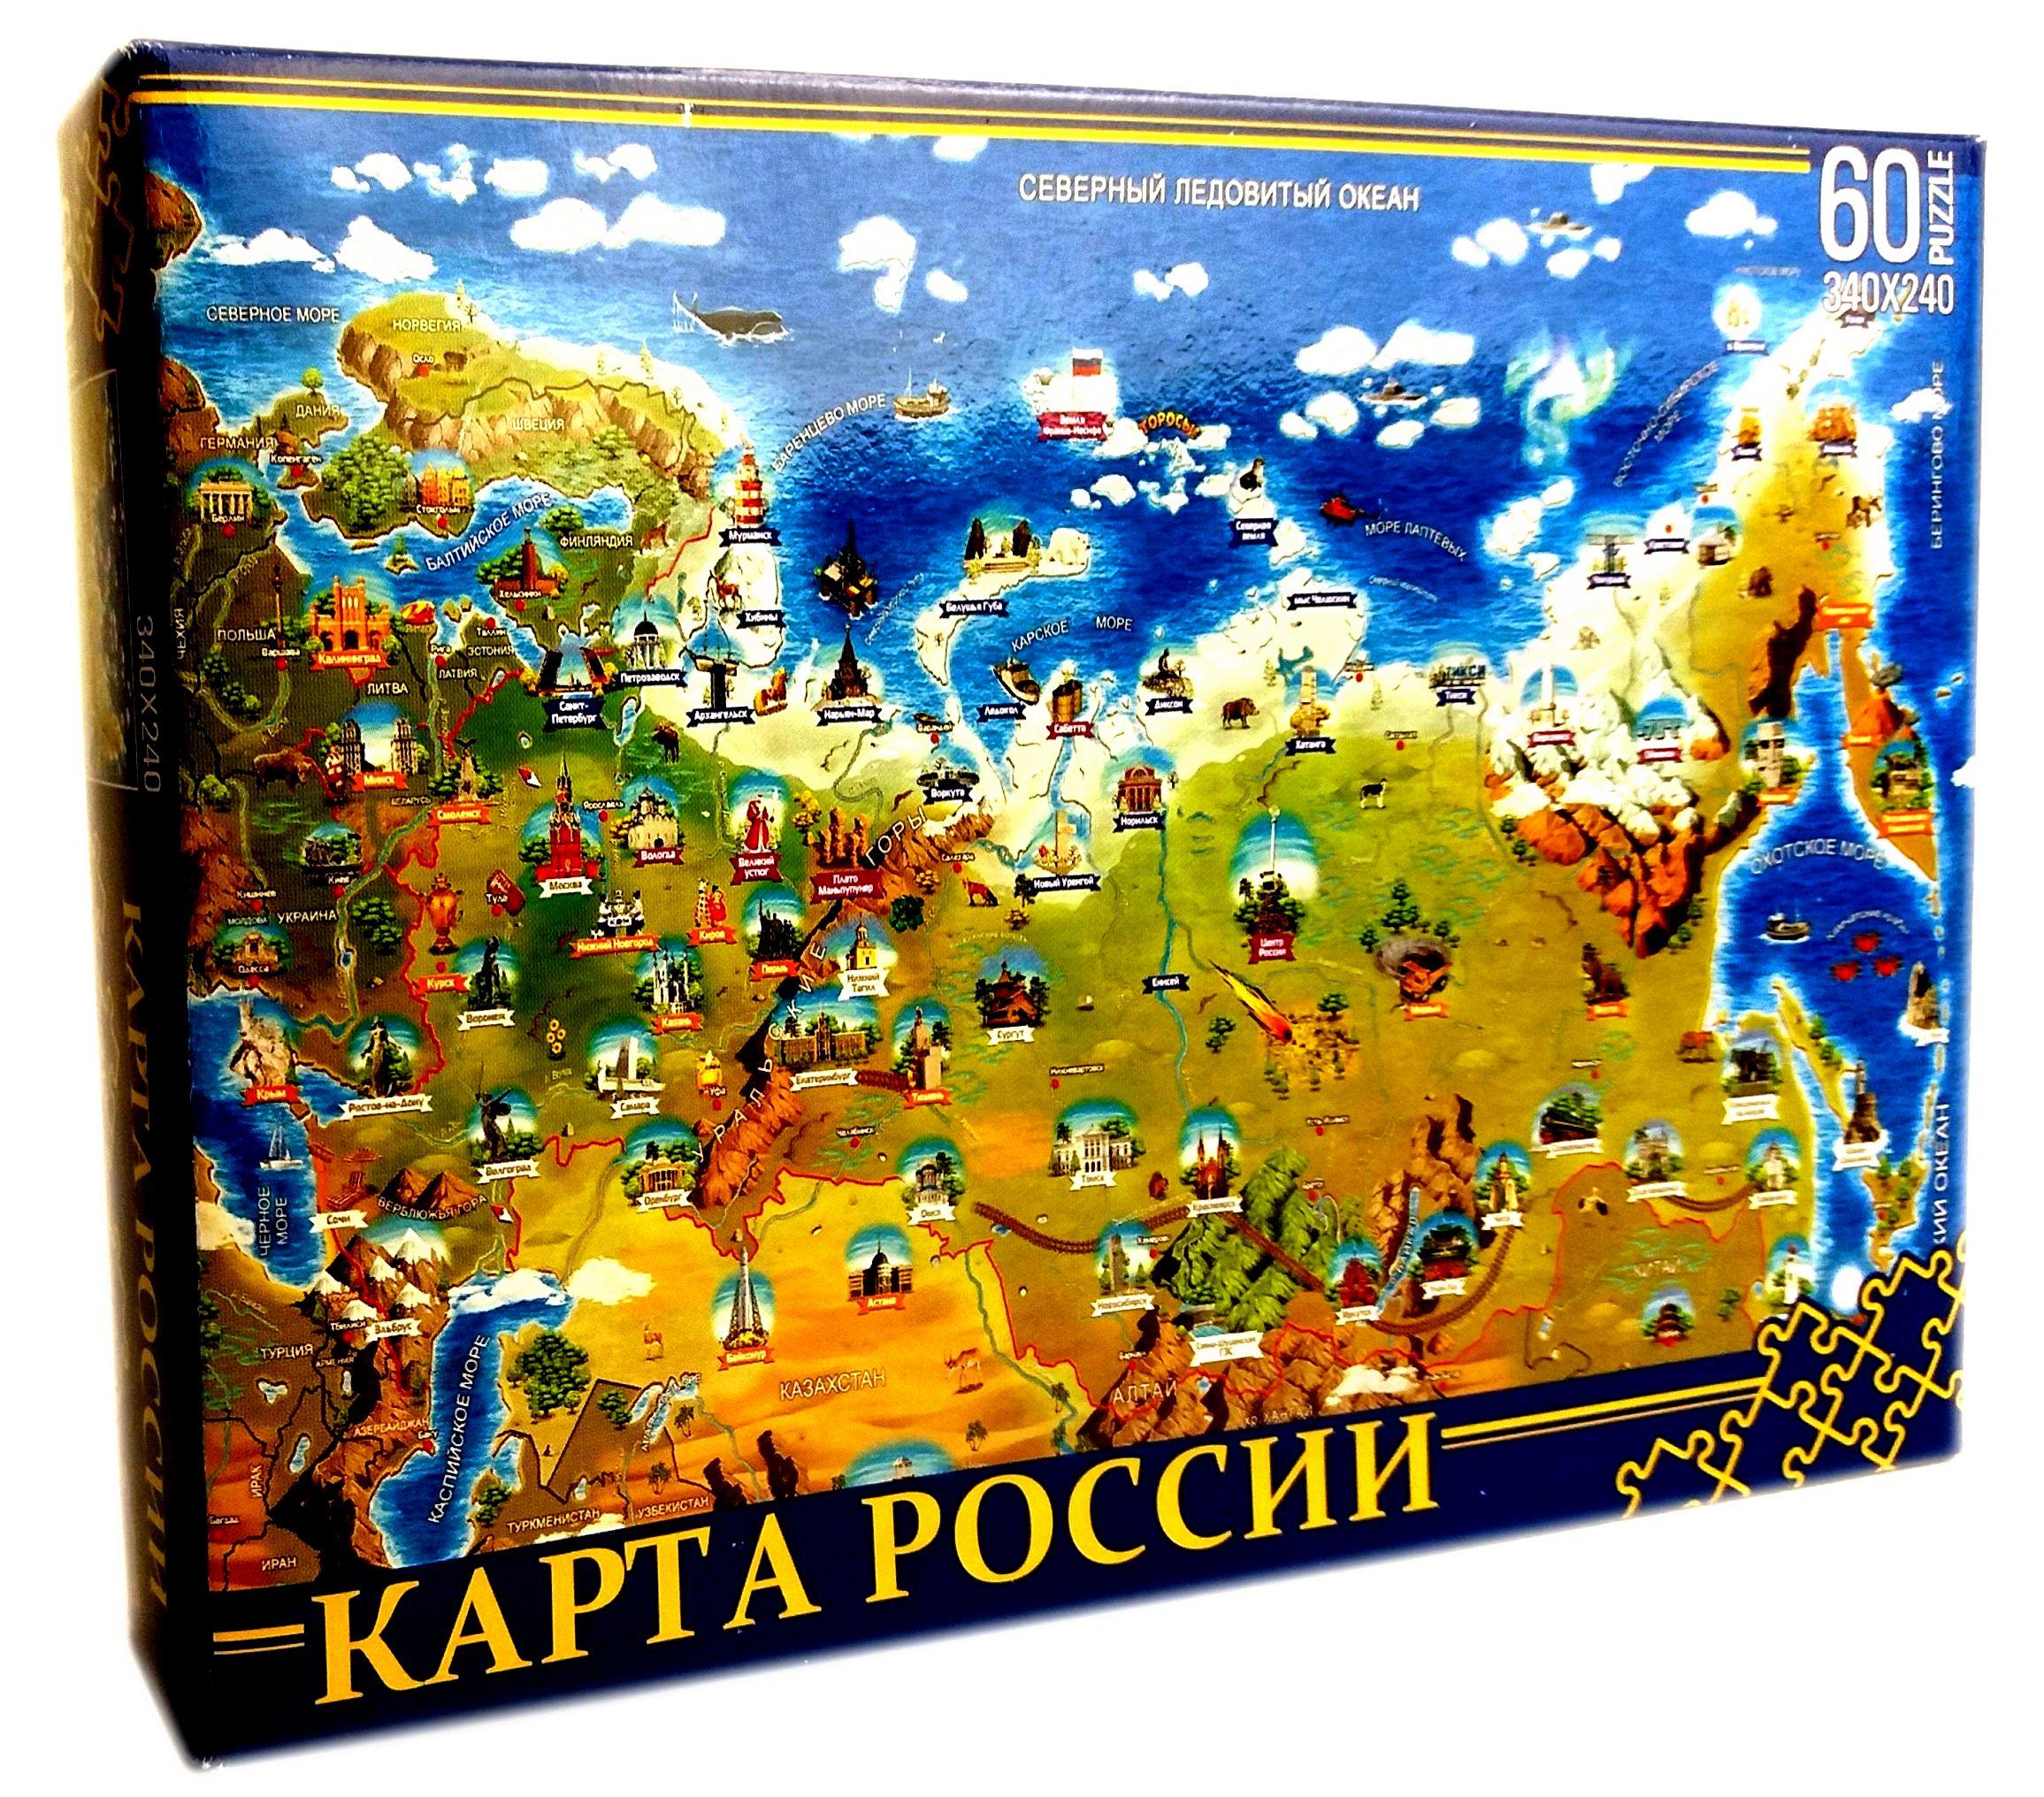 ПАЗЛЫ 60 элементов. Карта России - размер 34х24см